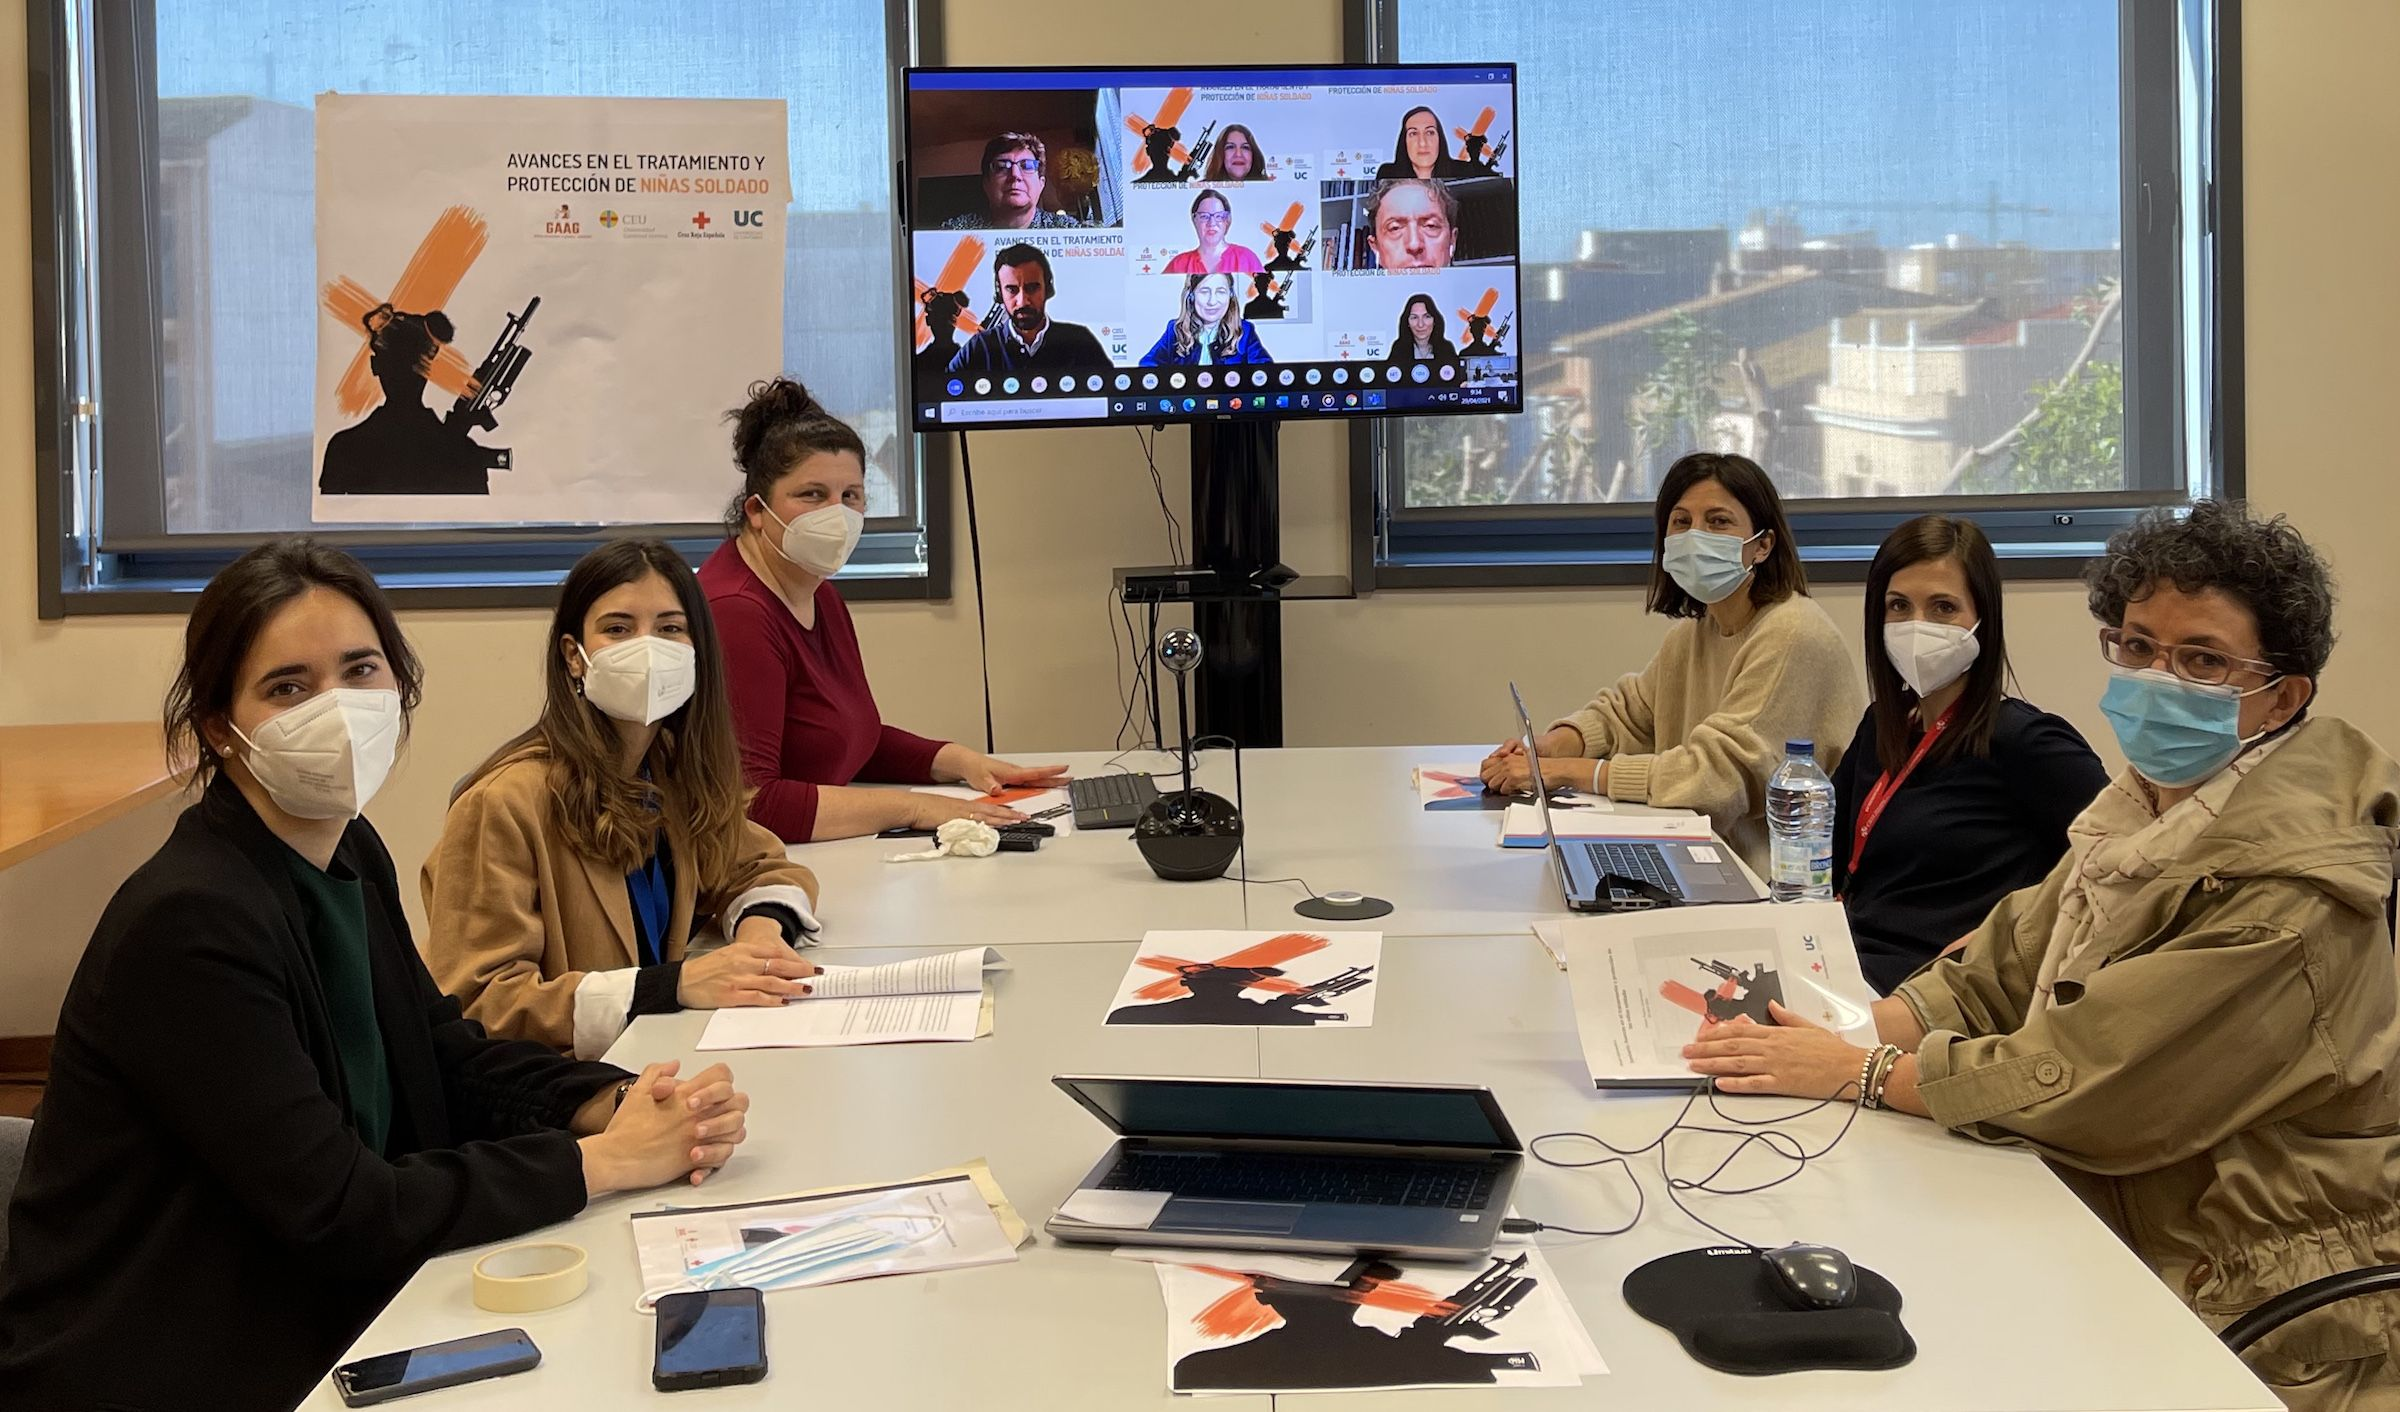 Las investigadoras de la CEU UCH y los expertos internacionales invitados hoy para analizar los retos en la protección y reinserción de las niñas soldado.